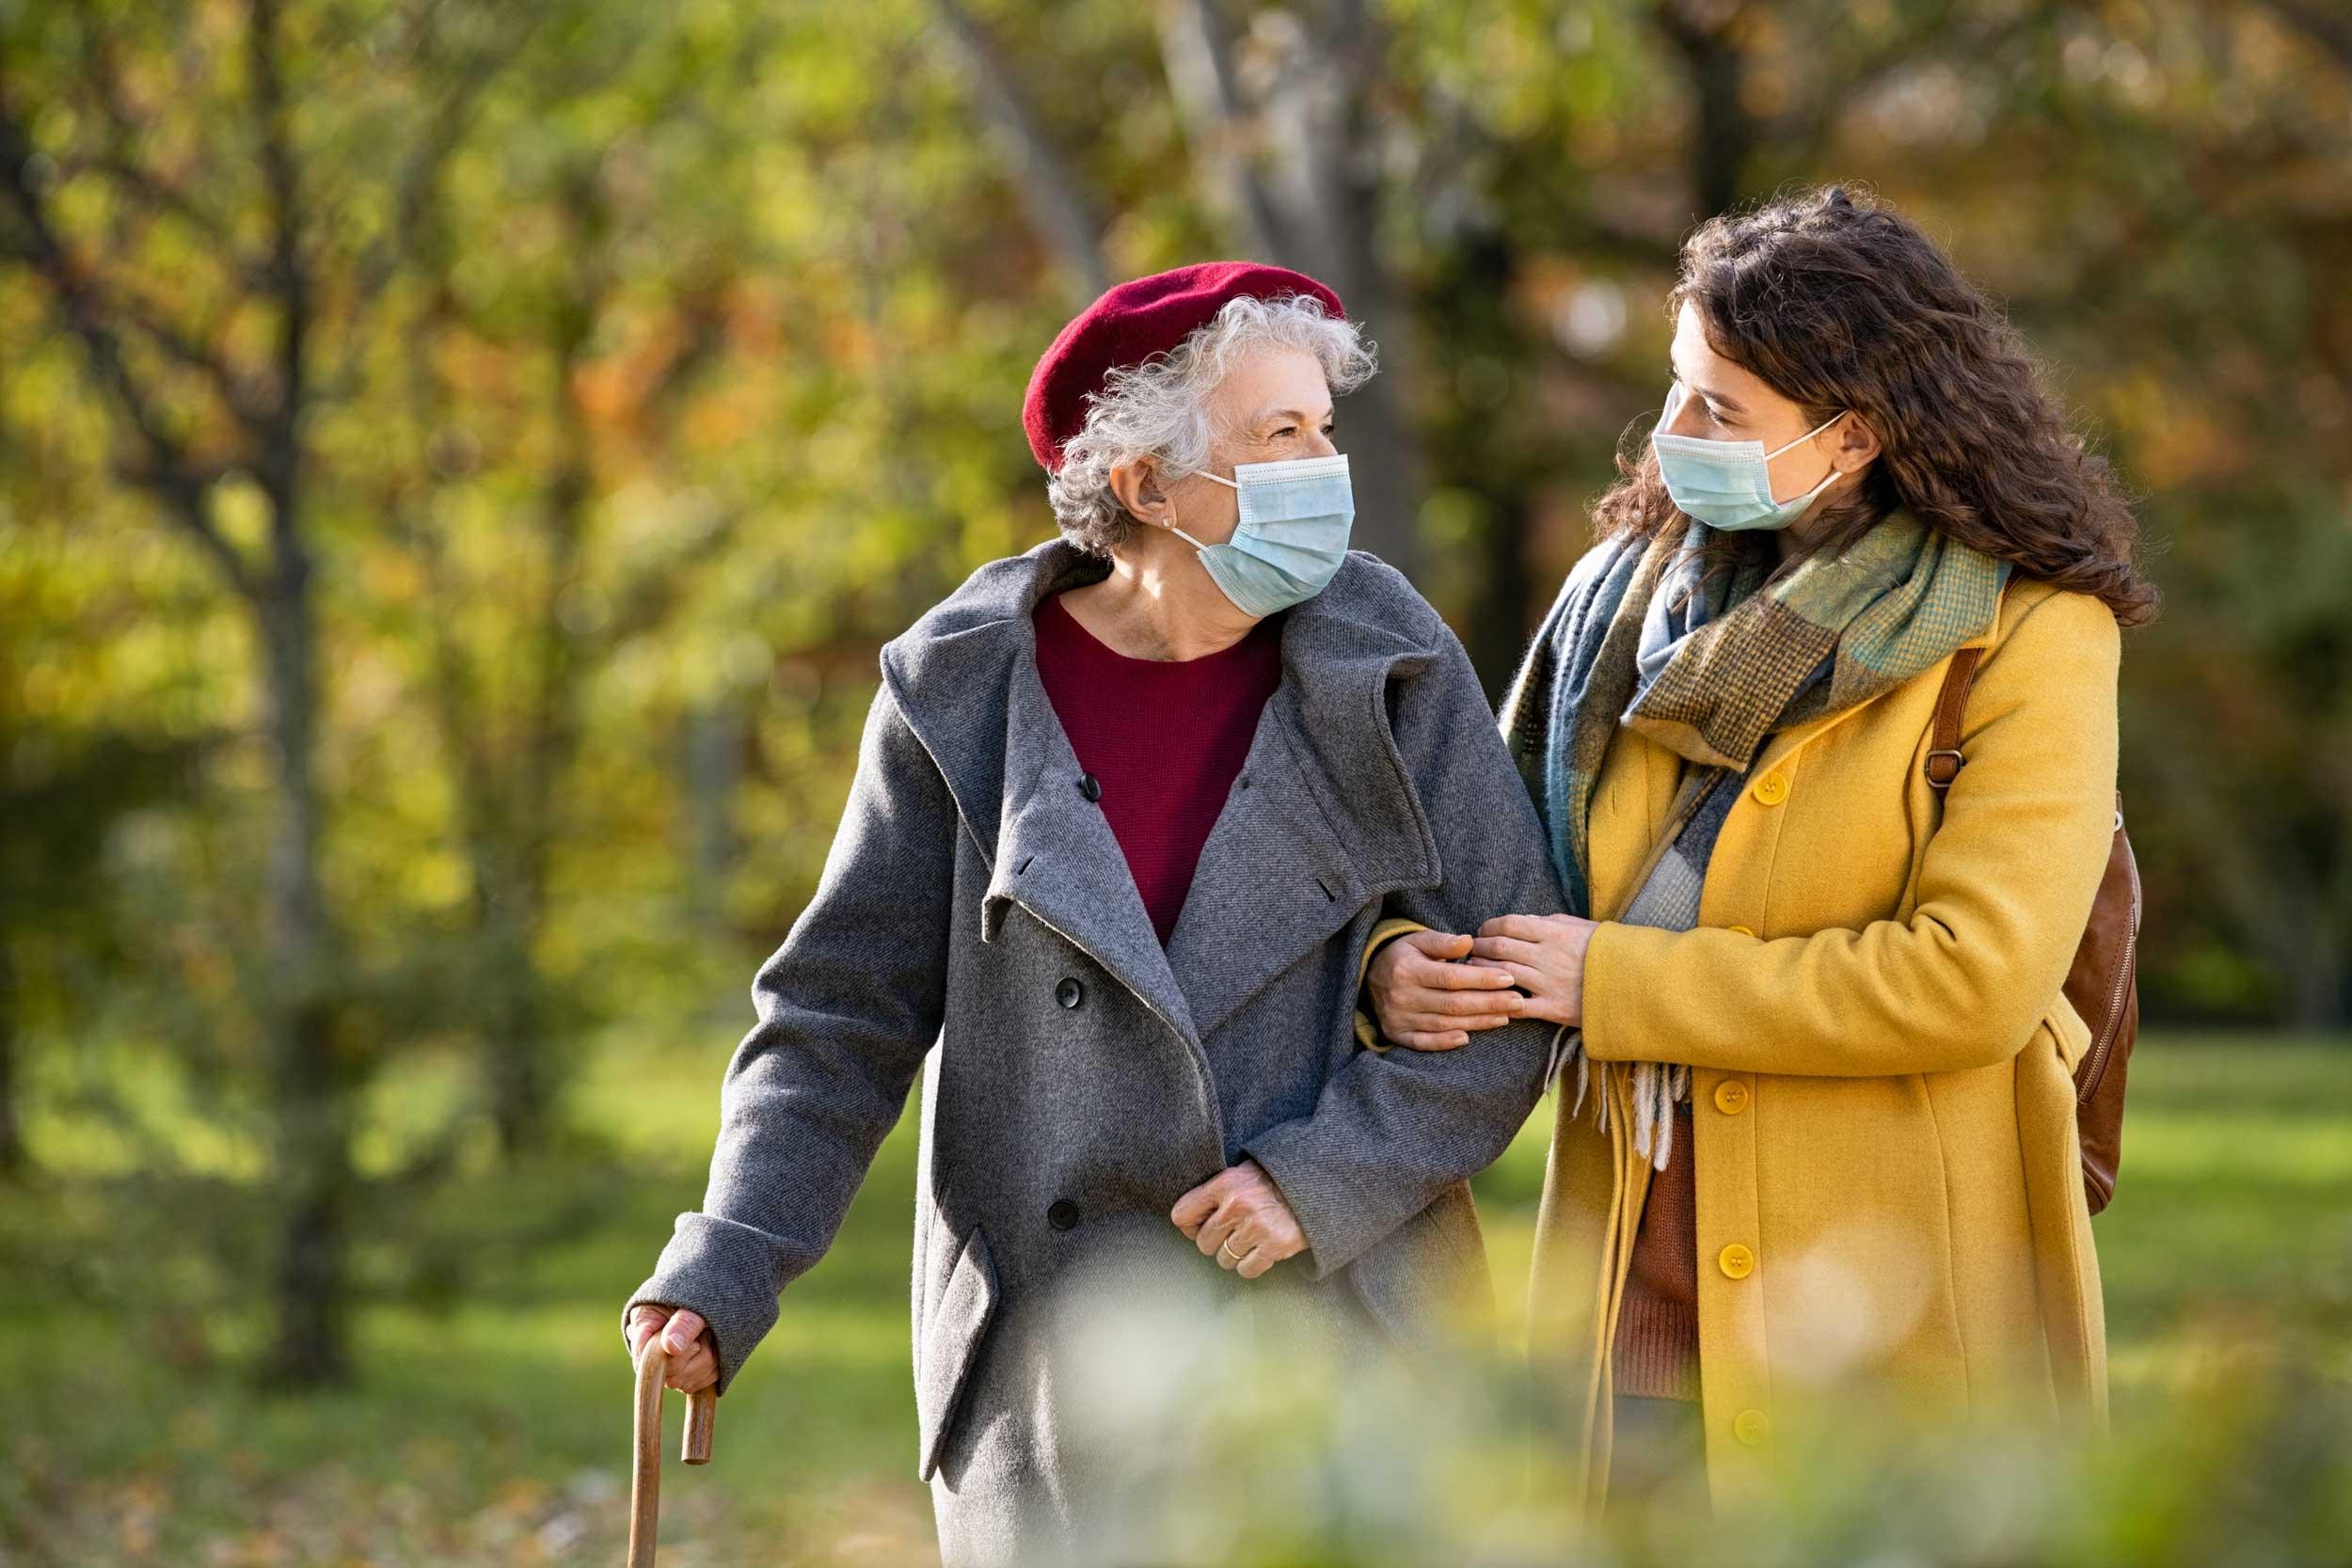 Gracias al uso de mascarillas bajó la circulación de la influenza y de otros virus respiratorios